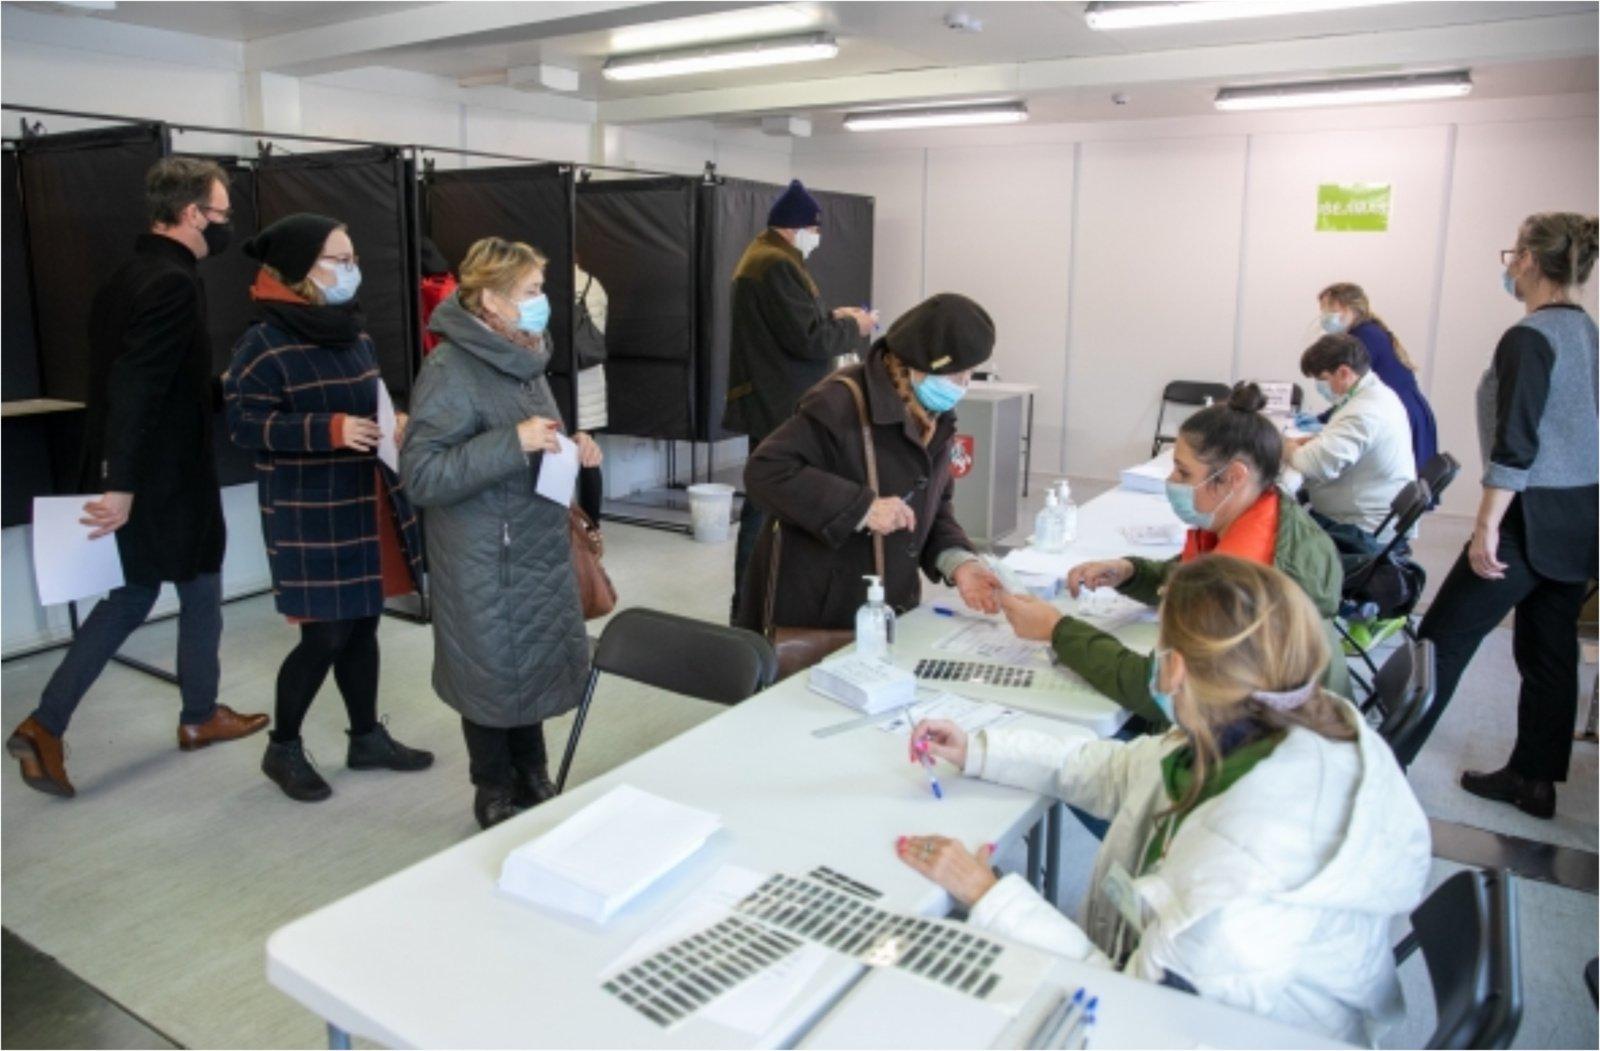 Dėl rinkimų balsavimo pažeidimų pradėti du ikiteisminiai tyrimai